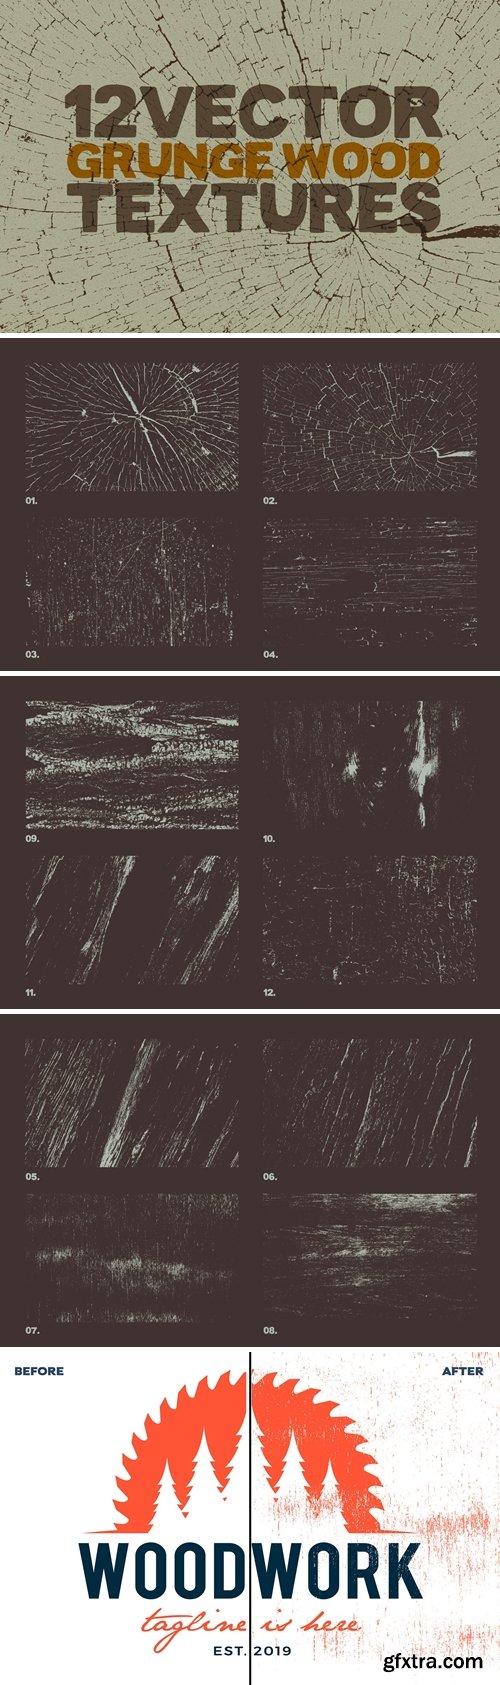 Vector Grunge Wood Textures x12